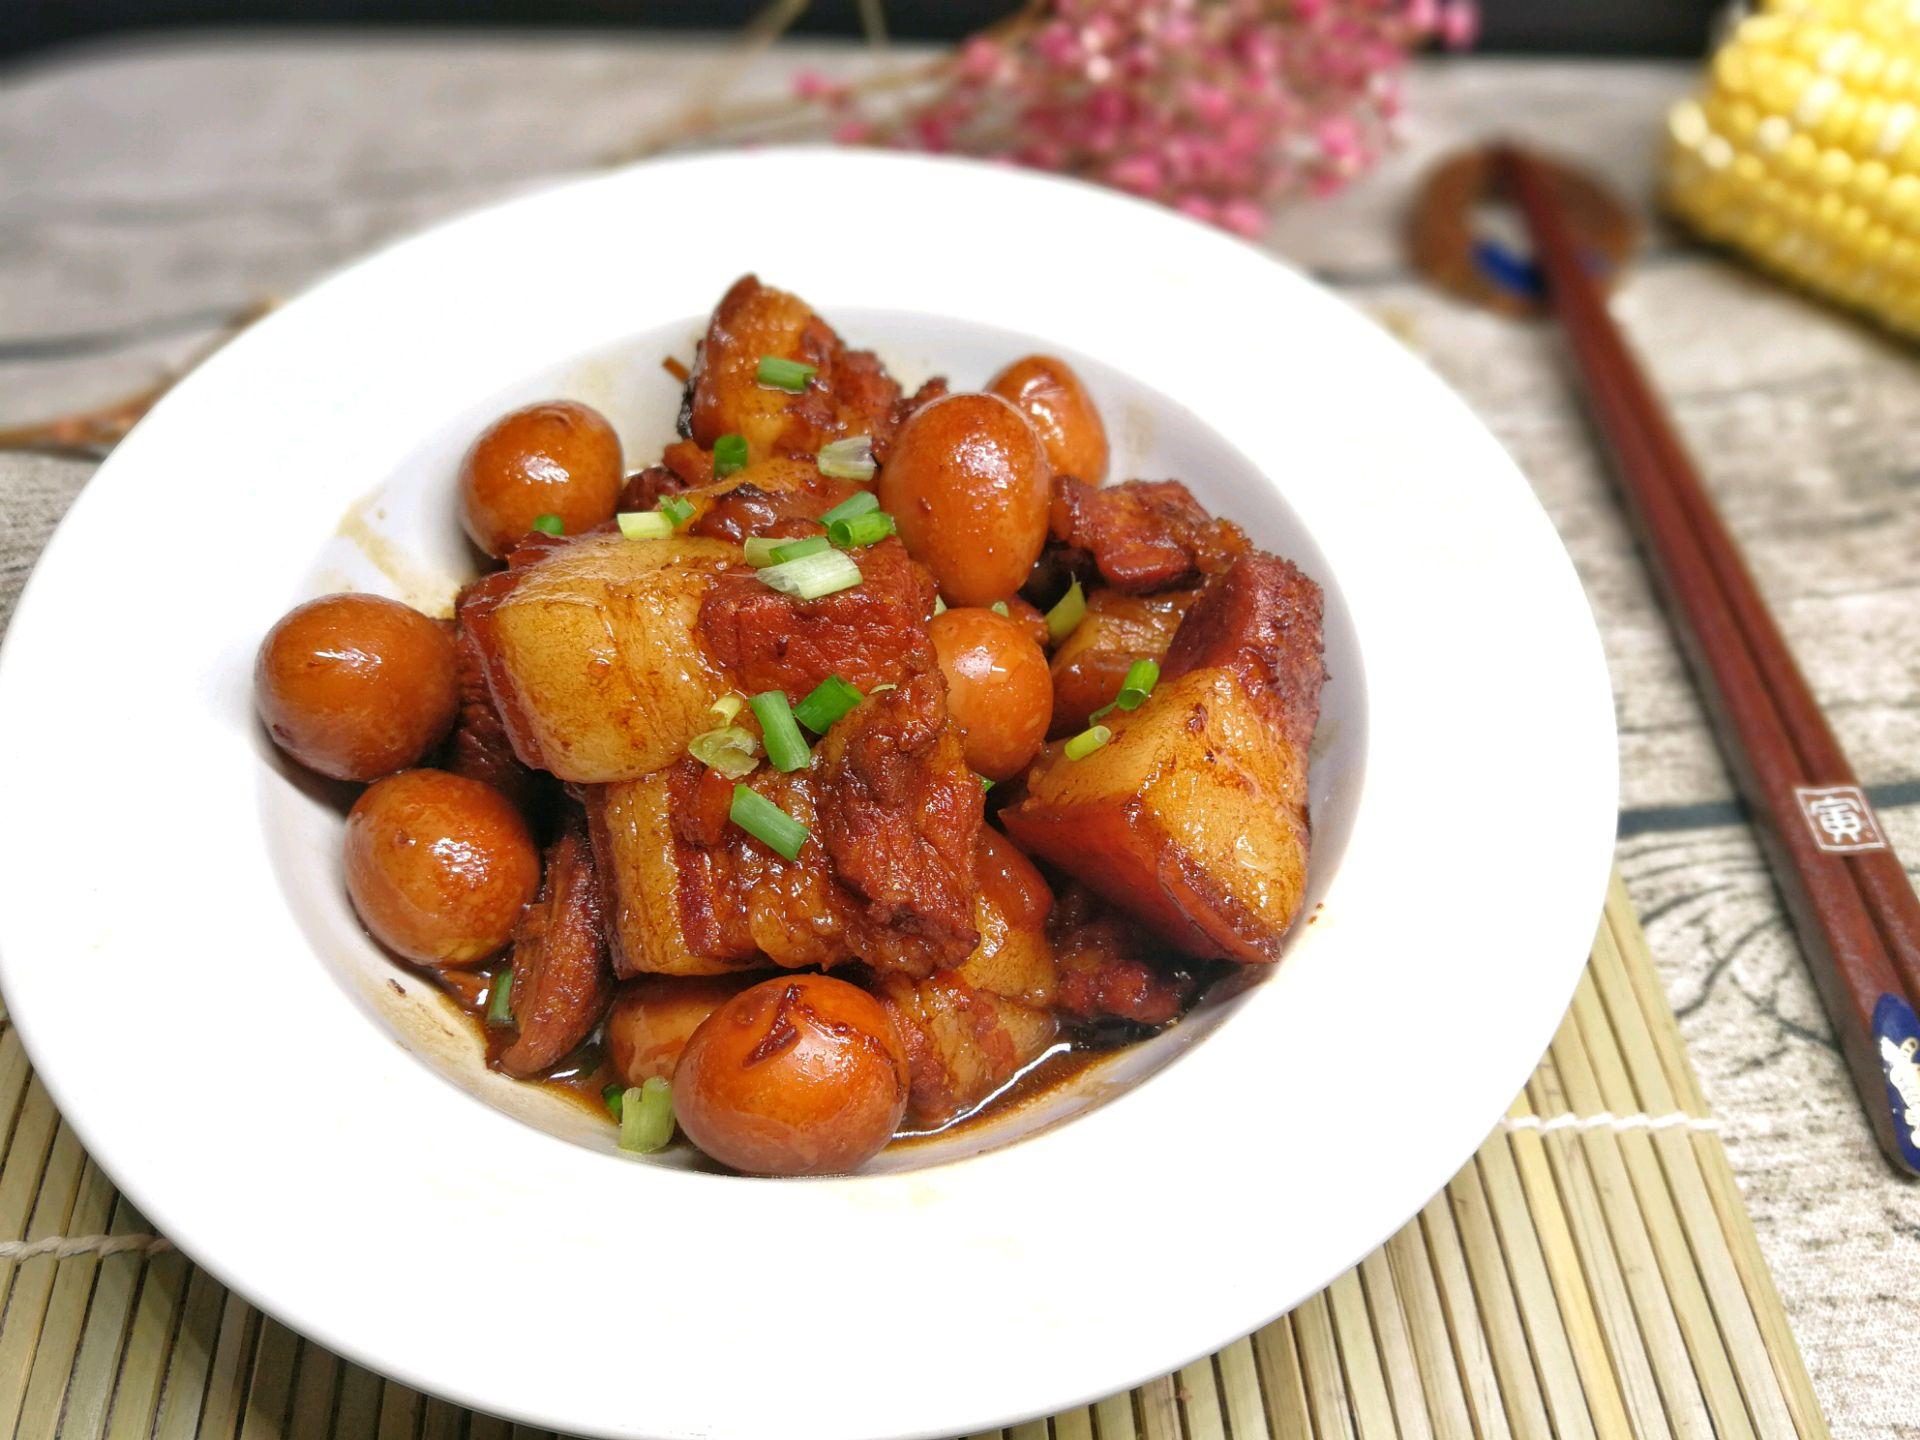 莲子蛋红烧肉的做法_鹌鹑_豆果美食干炒菜谱炒熟是什么样图片